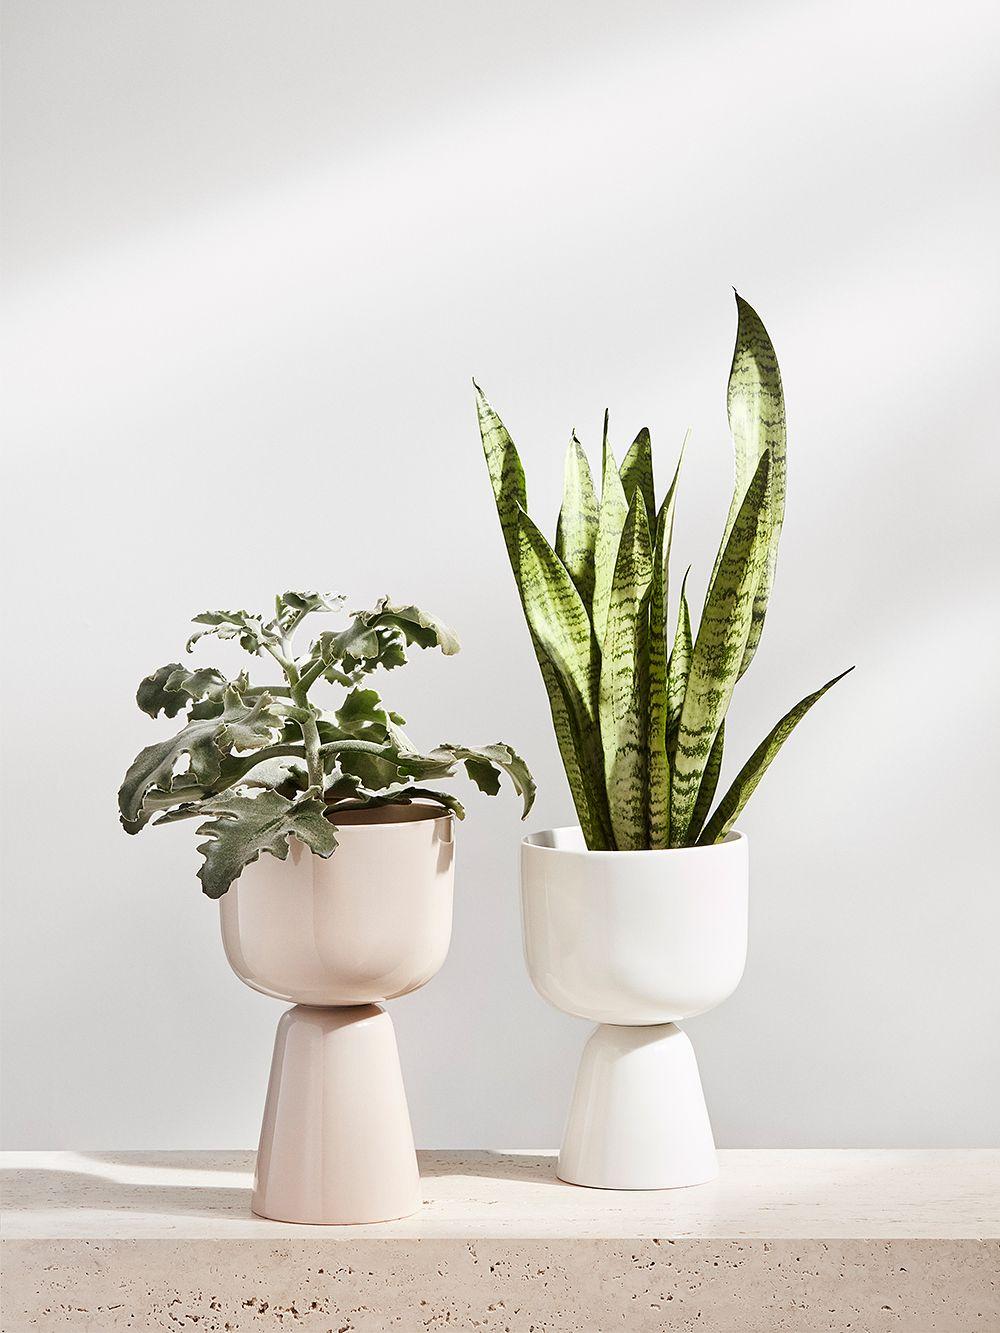 Iittala's Nappula pots in beige and white.